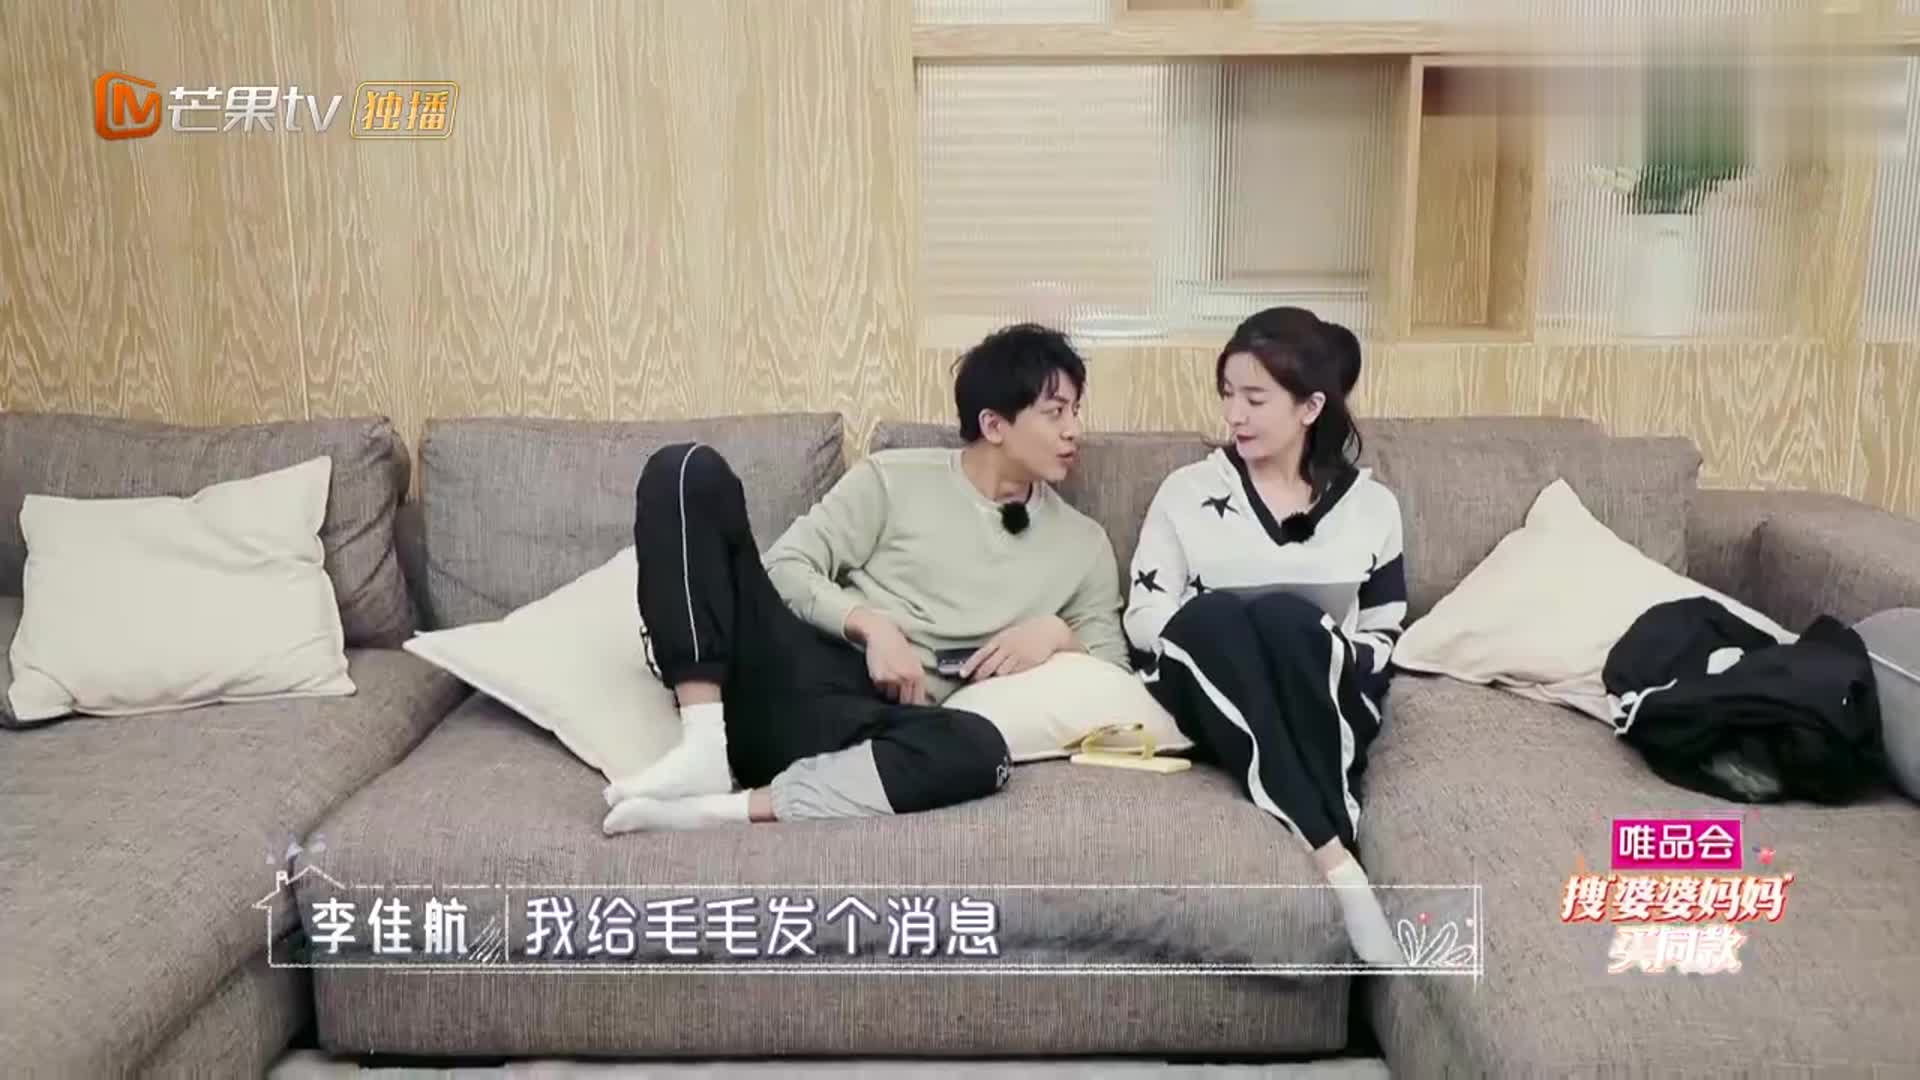 李佳航唱自创歌曲,李晟开嗓直接碾压他!被演员耽误的歌手